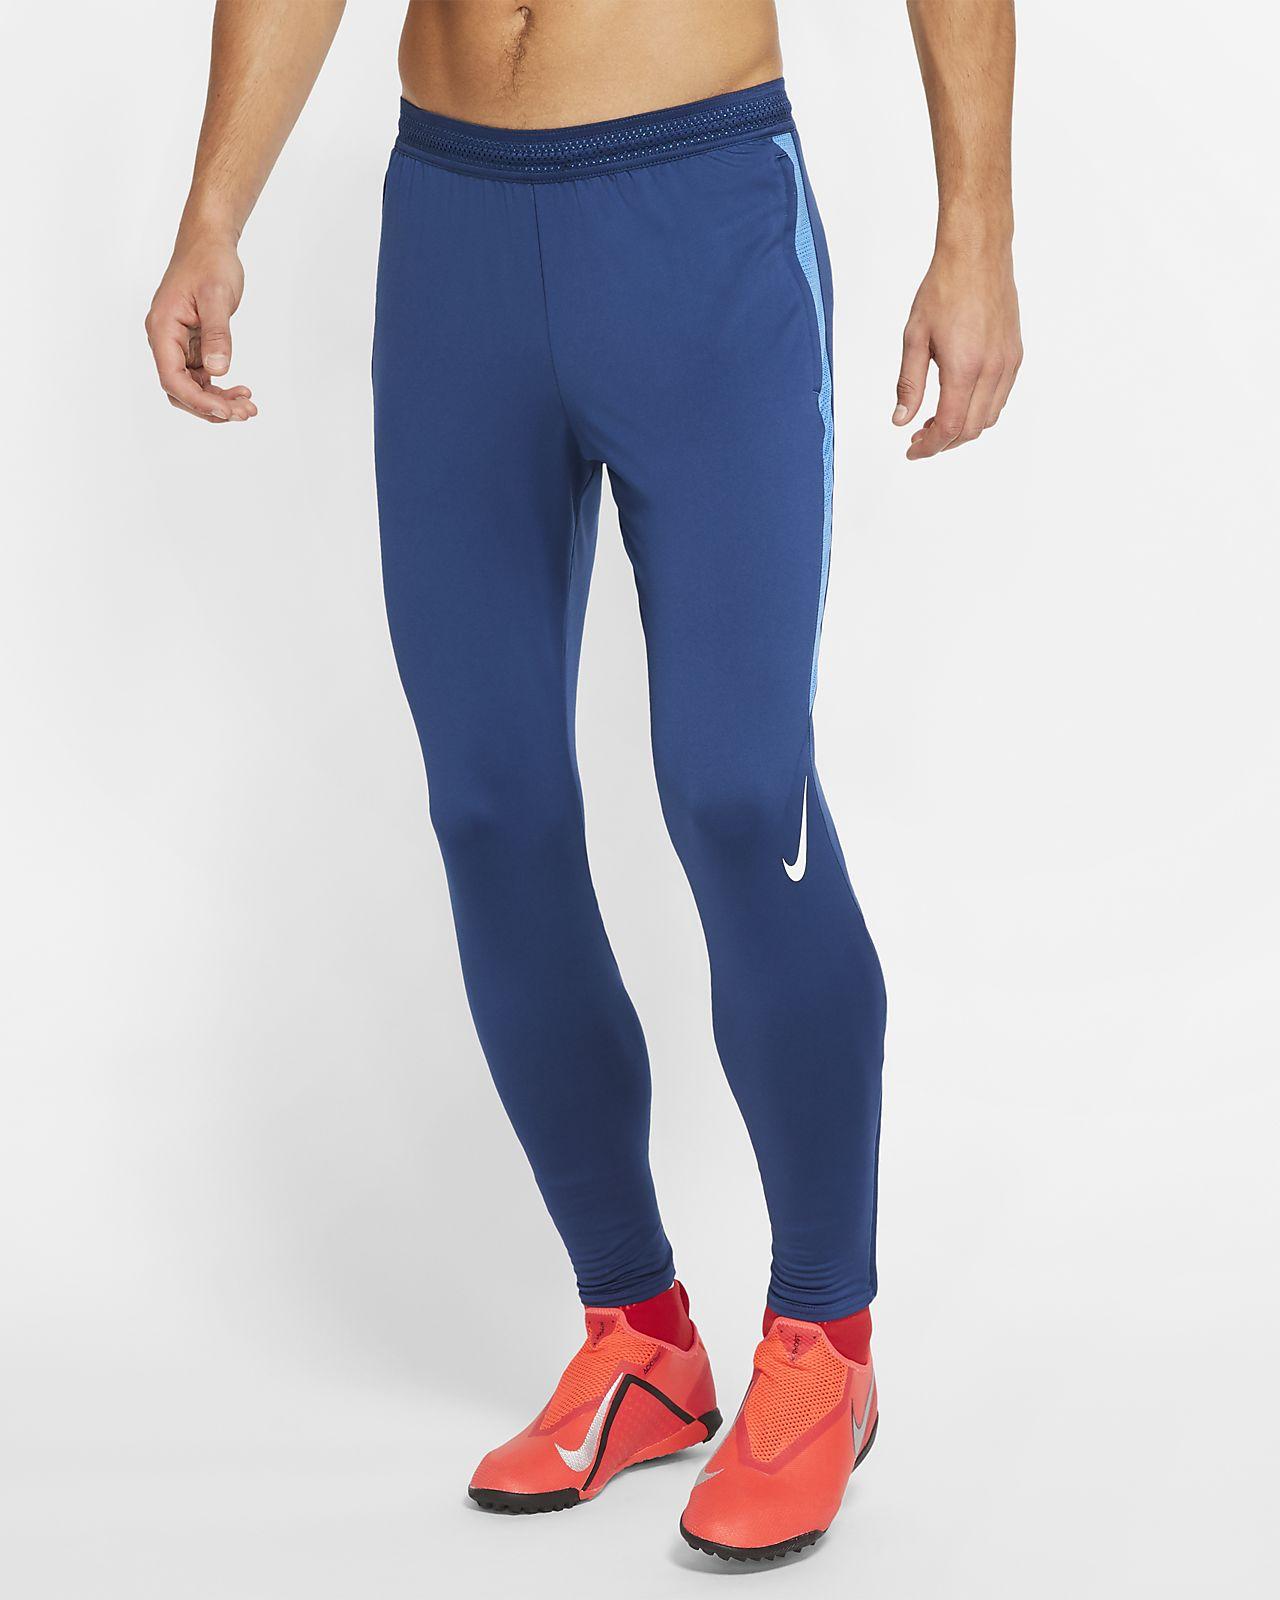 Nike Dri FIT Strike fodboldbukser til mænd